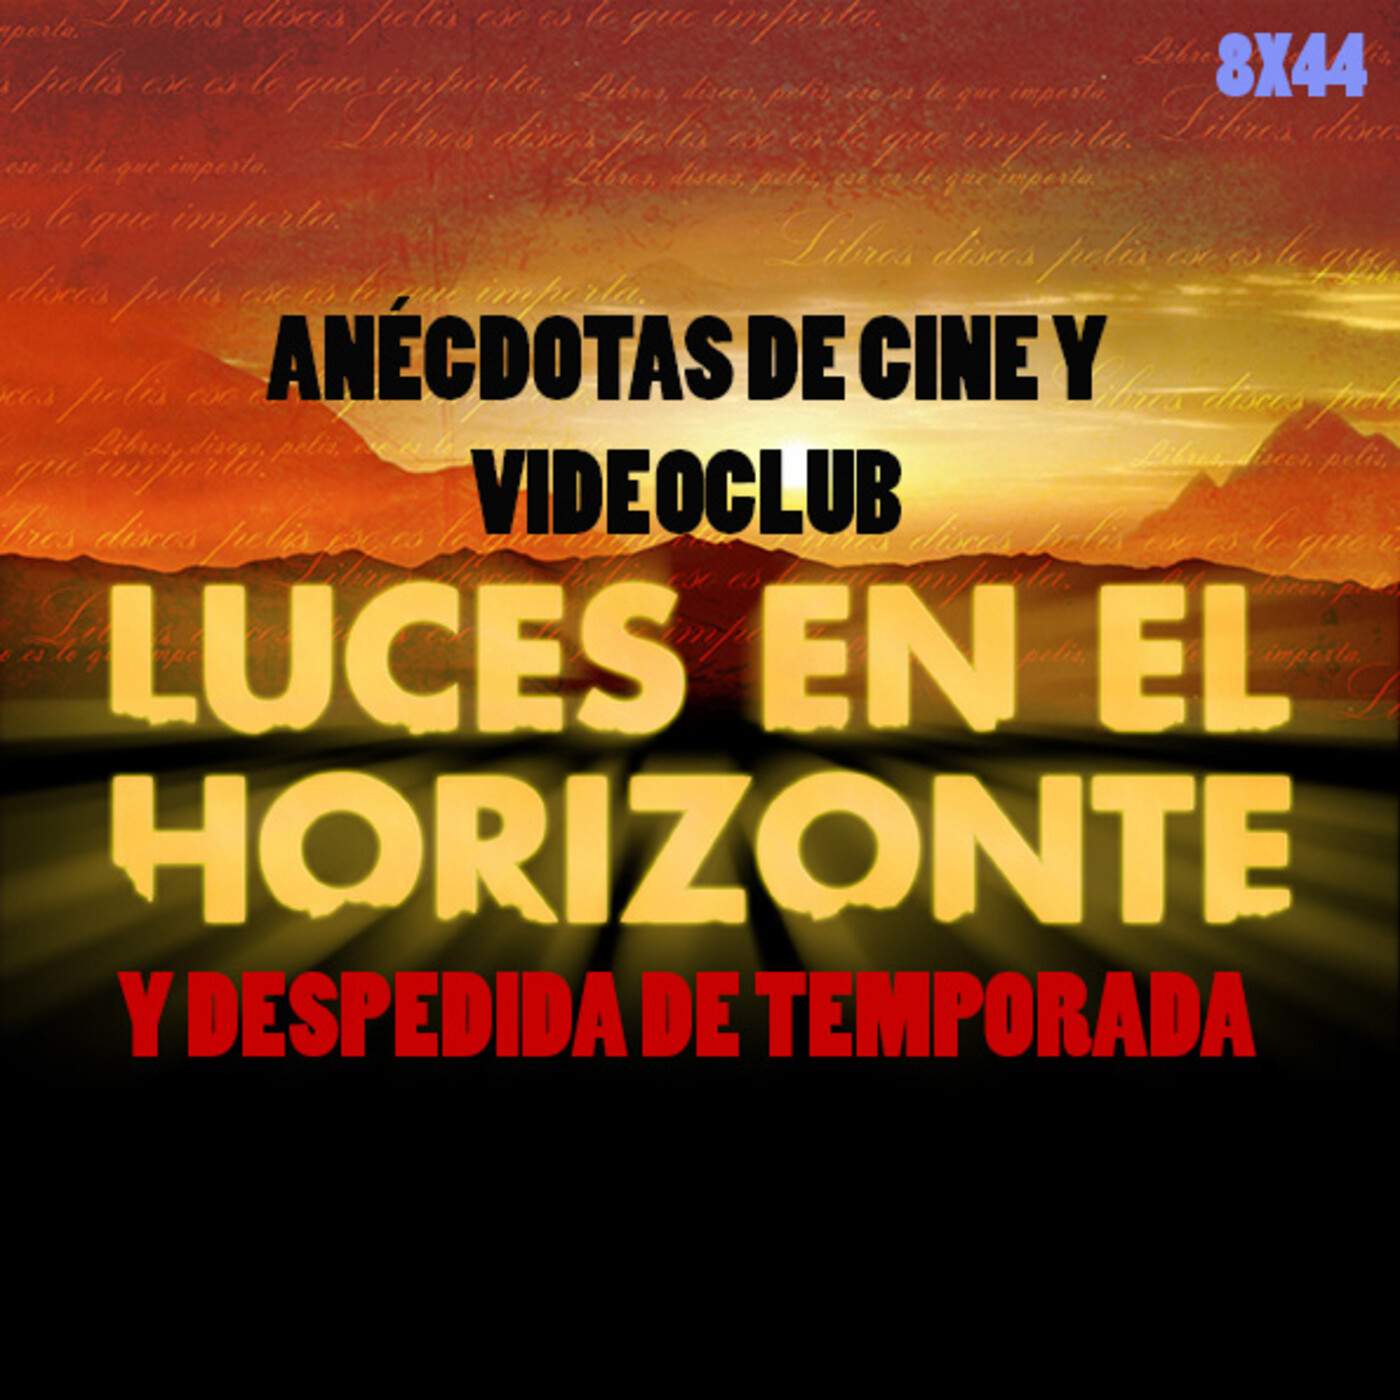 ANÉCDOTAS DE CINE Y VIDEOCLUB Y DESPEDIDA DE TEMPORADA - Luces en el Horizonte 8X44